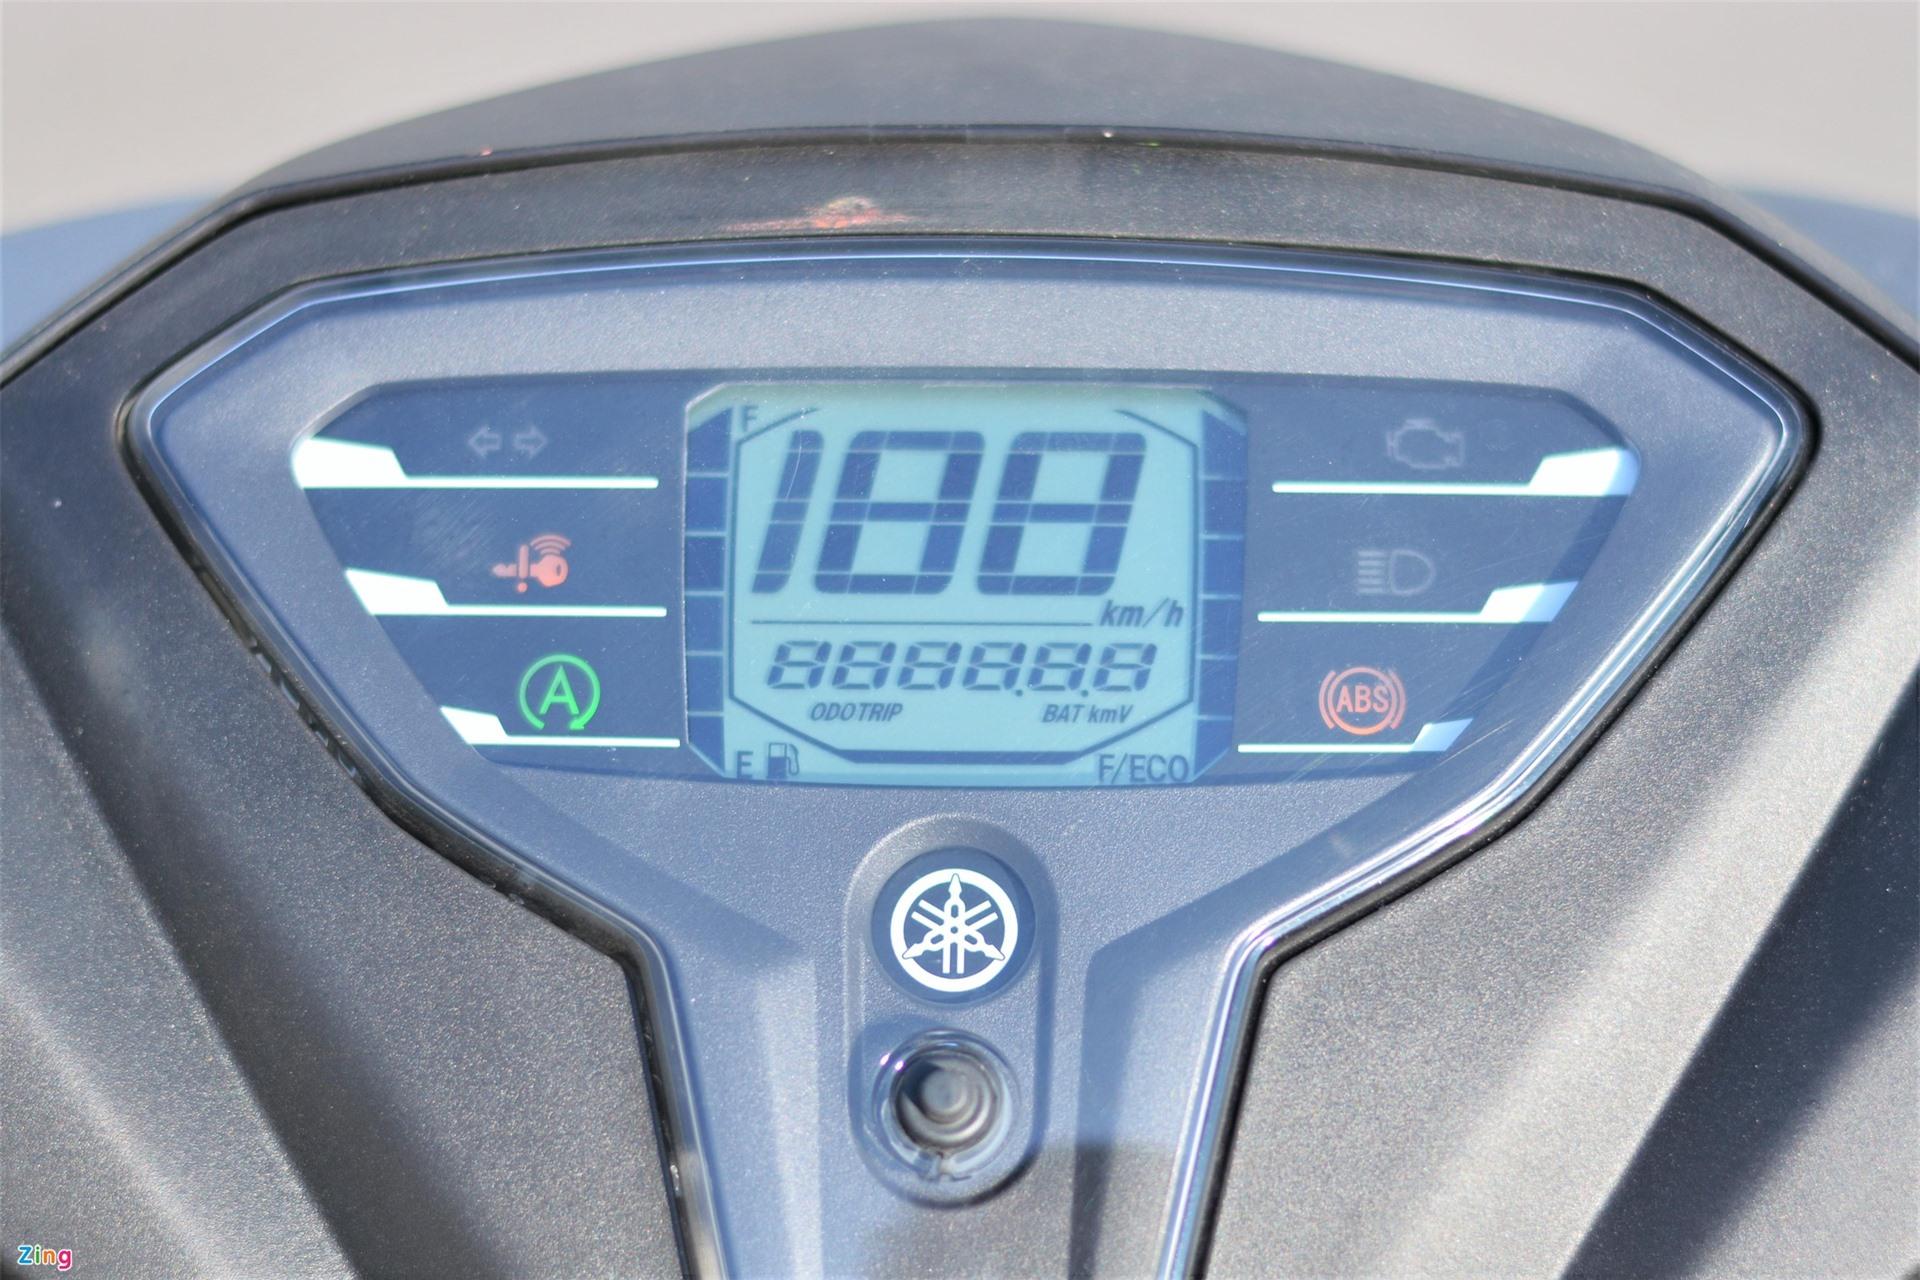 3 mau xe ga 125 cc gia duoi 40 trieu dong dang can nhac tai Viet Nam anh 4